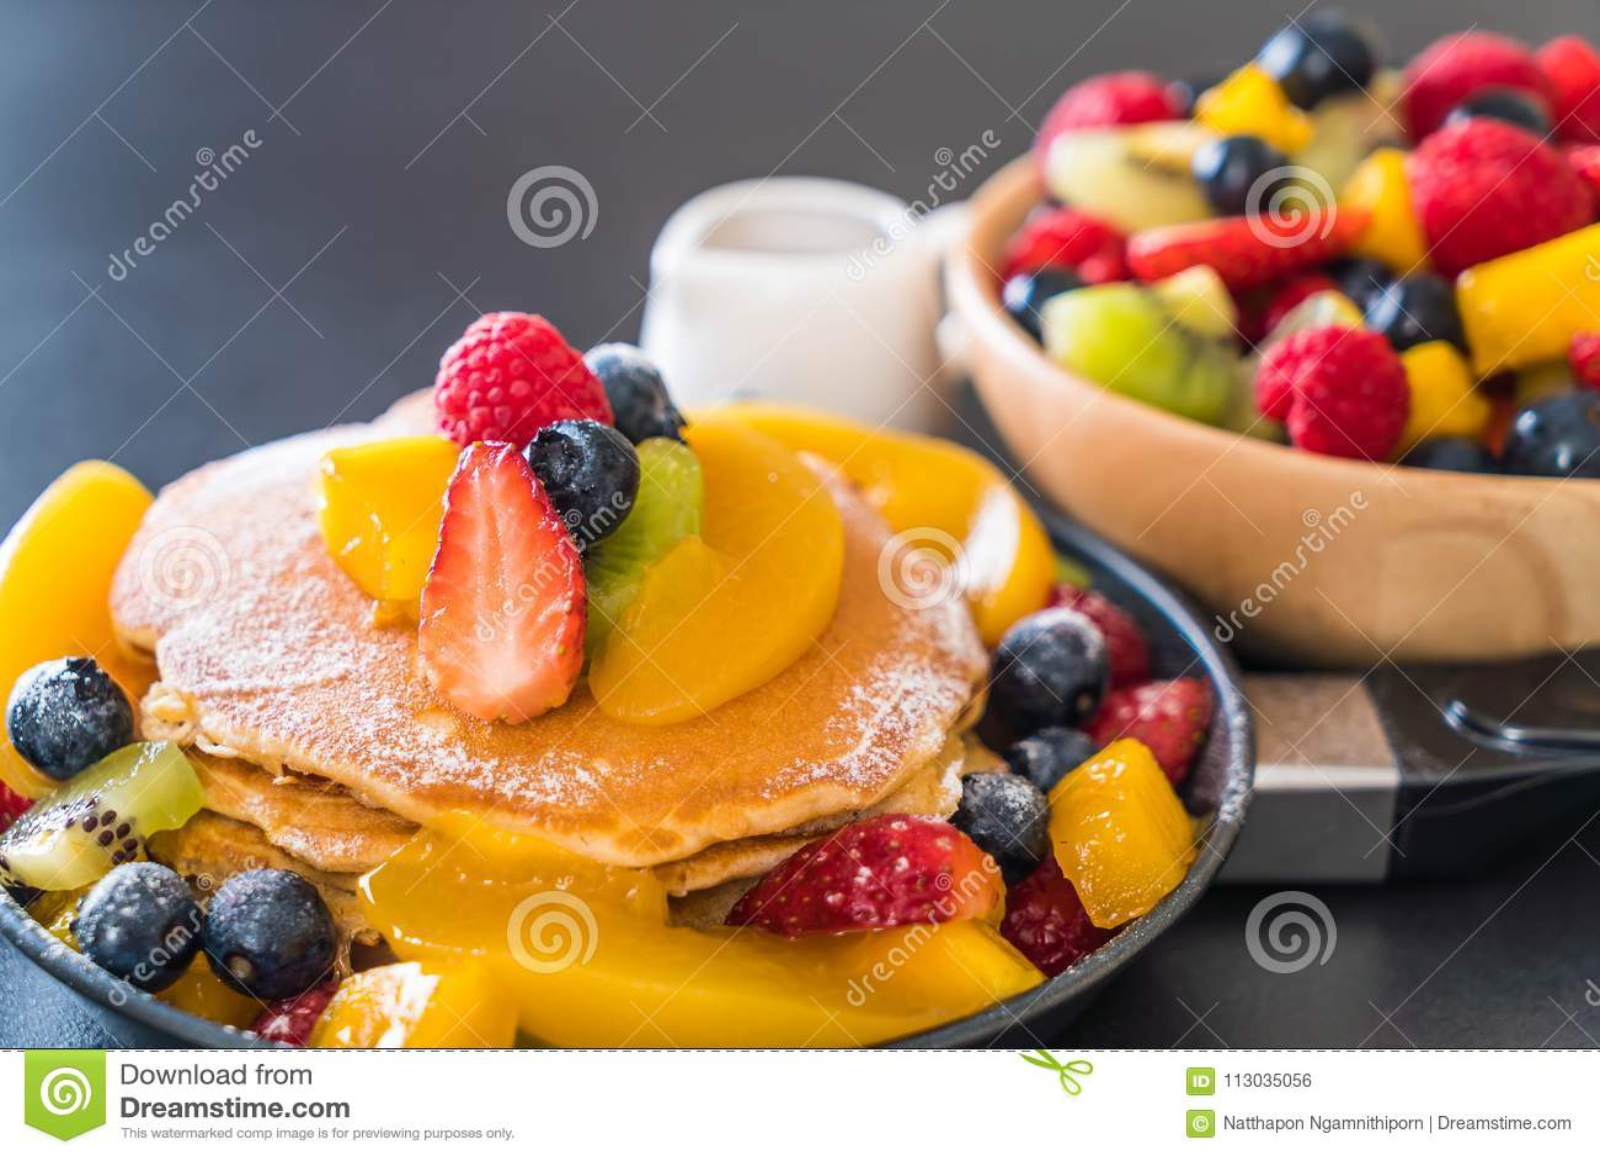 Crepe con las frutas de la mezcla